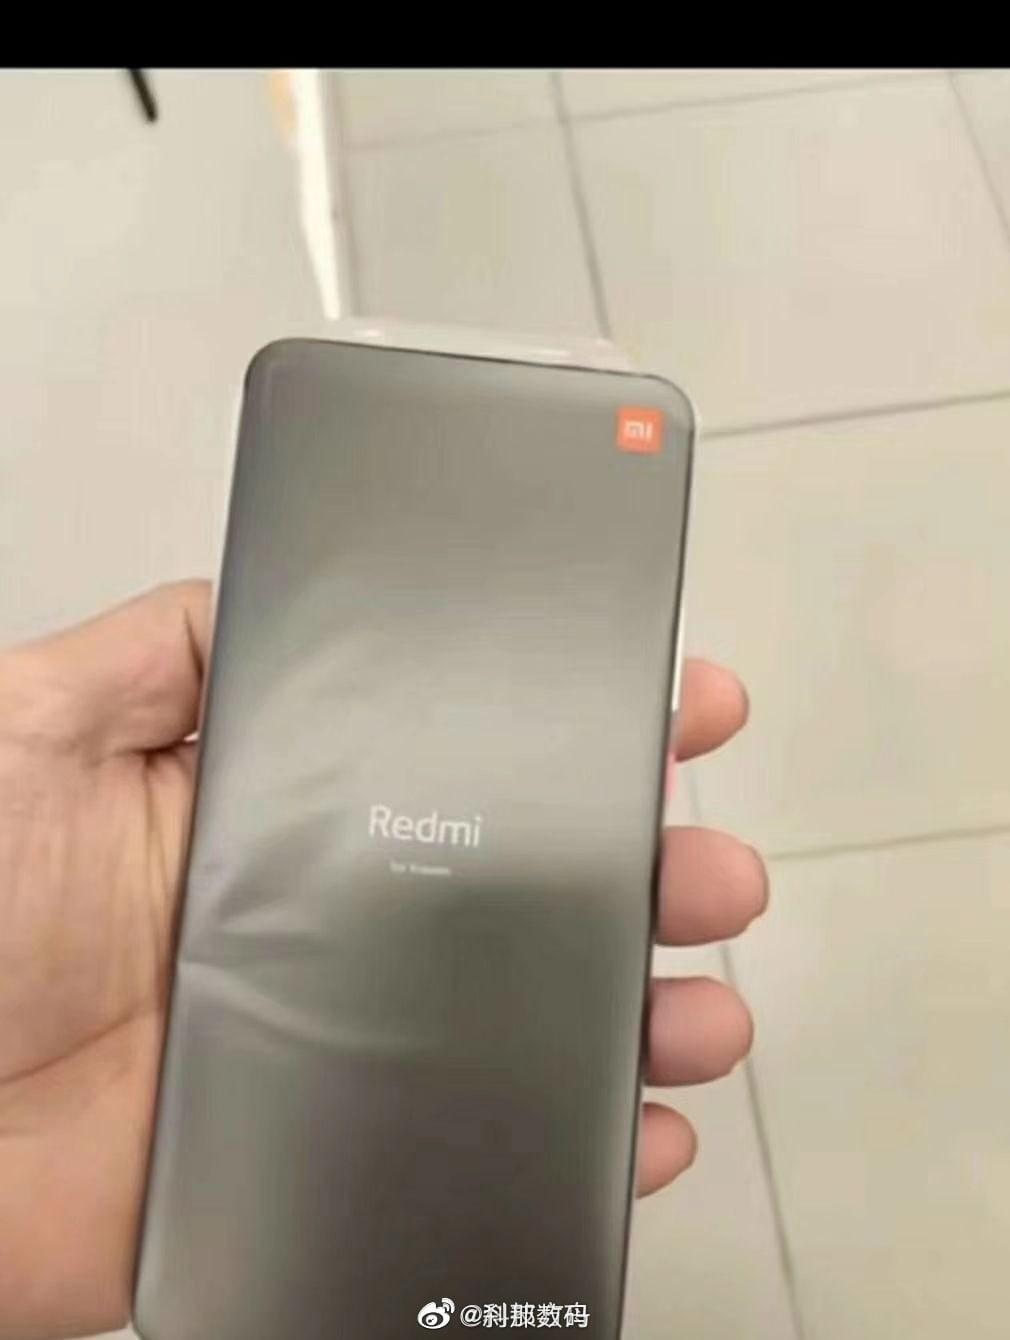 экран нового телефона Redmi K30 Pro 5G